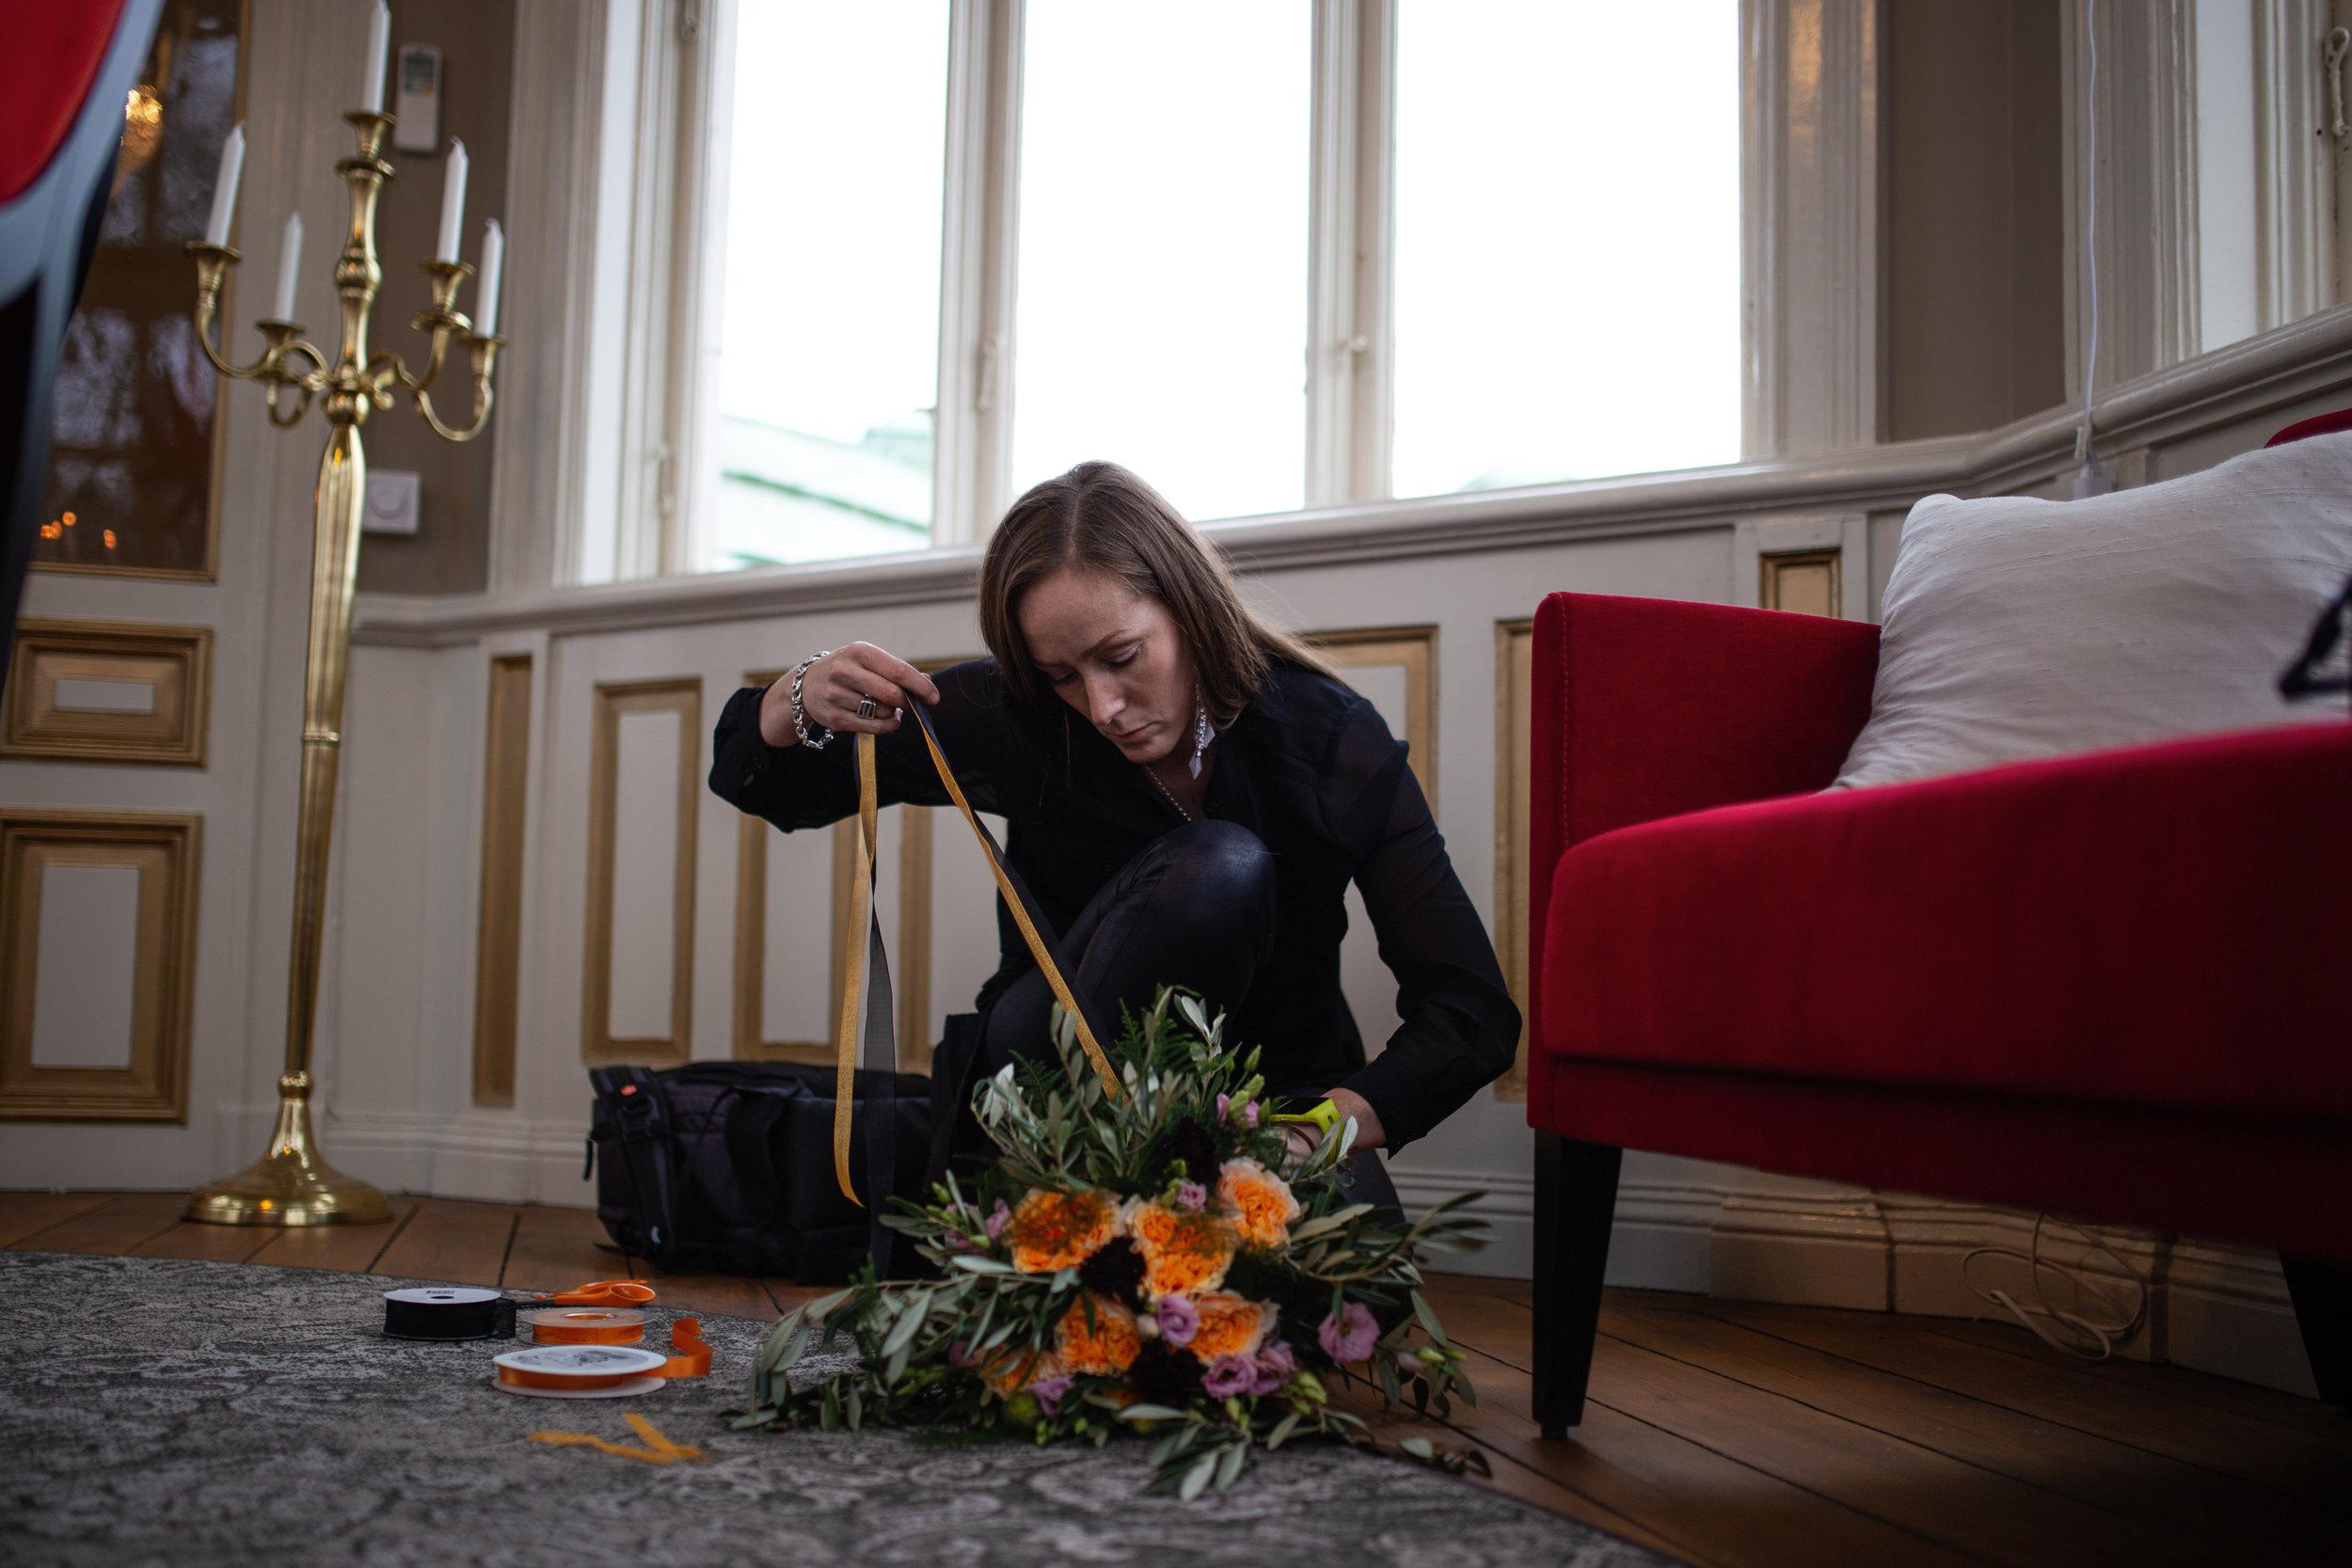 magnifico by jojjo - florist som utgår från Gävle. samarbete kring stylade fotograferingar, företagande med mera. rekommenderas för hennes engagemang, kreativa idéer och professionalitet.http://www.blomsterkassen.nu/